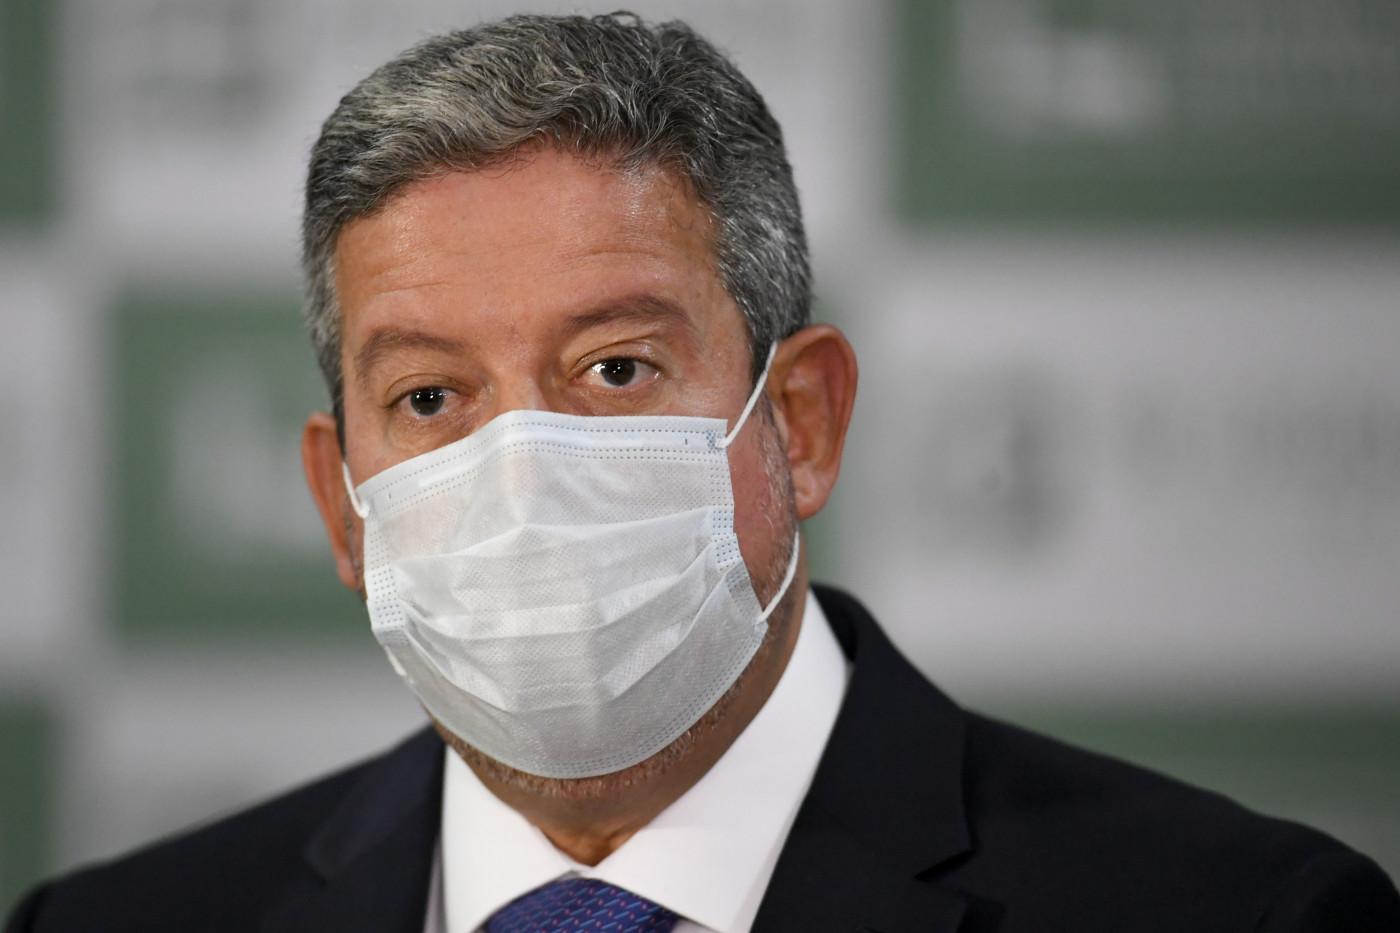 Presidente da Câmara, Arthur Lira, usa máscara branca, terno preto e camisa branca